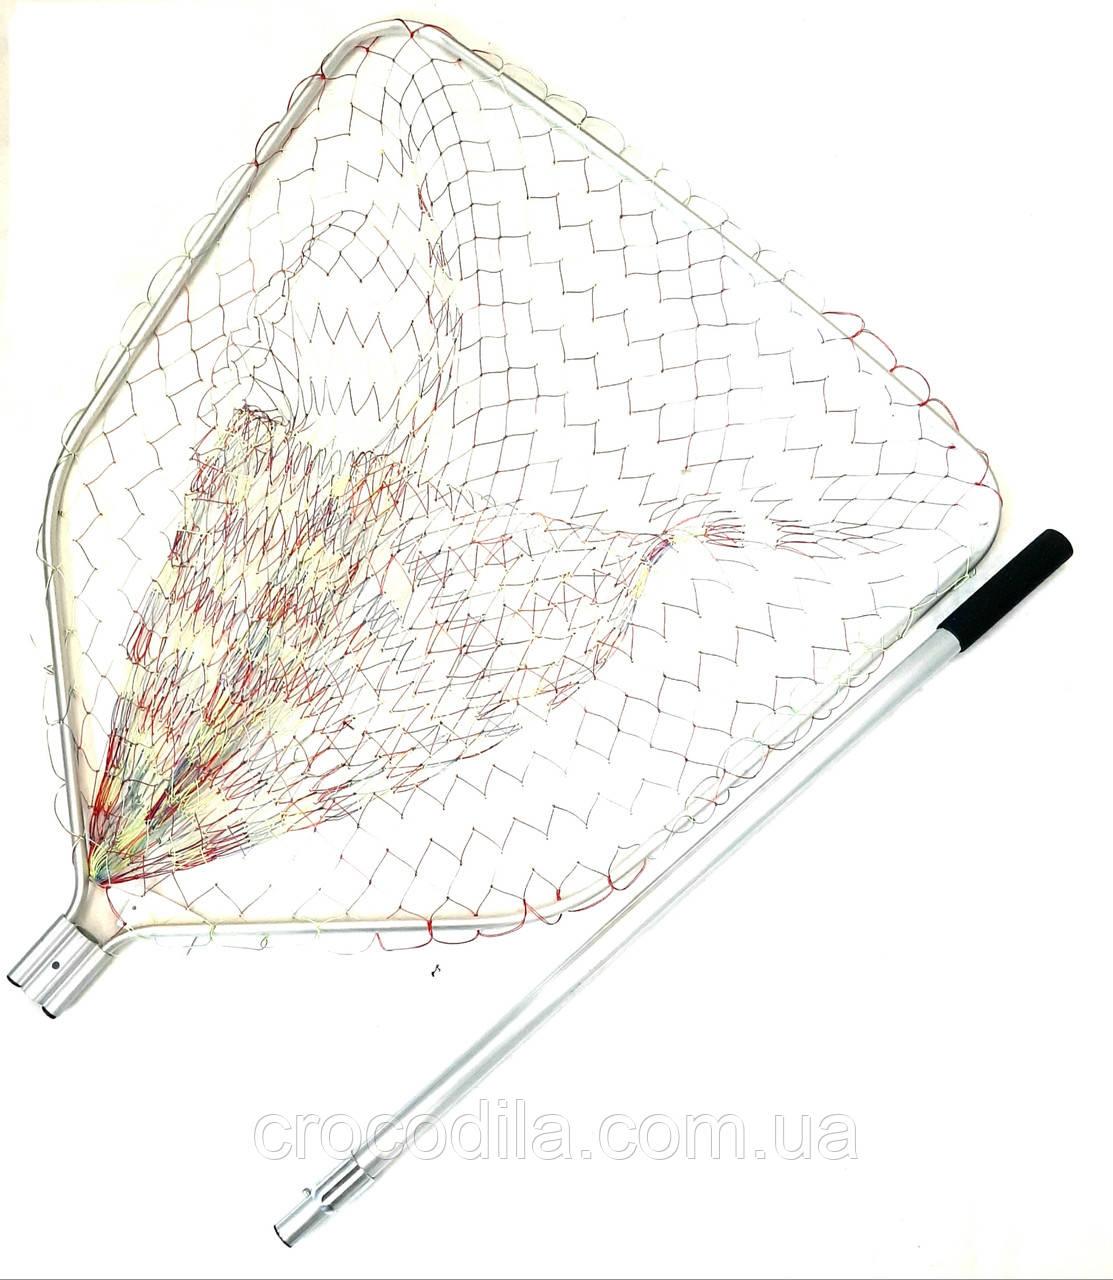 Подсак карповый Shark с кордовой сеткой 81*87 см голова